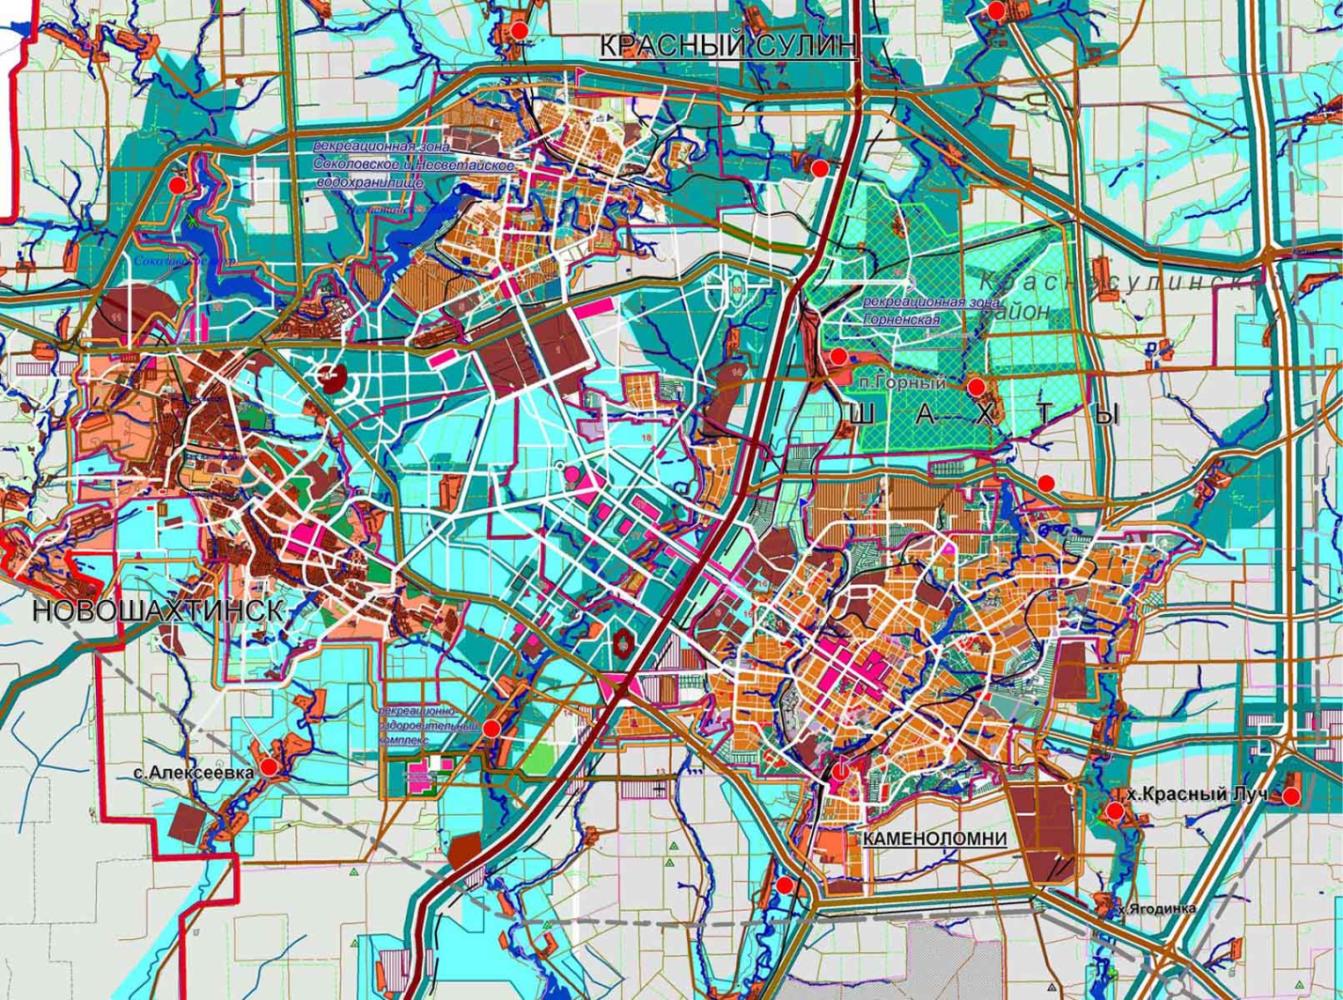 схема территориального планирования ростовской